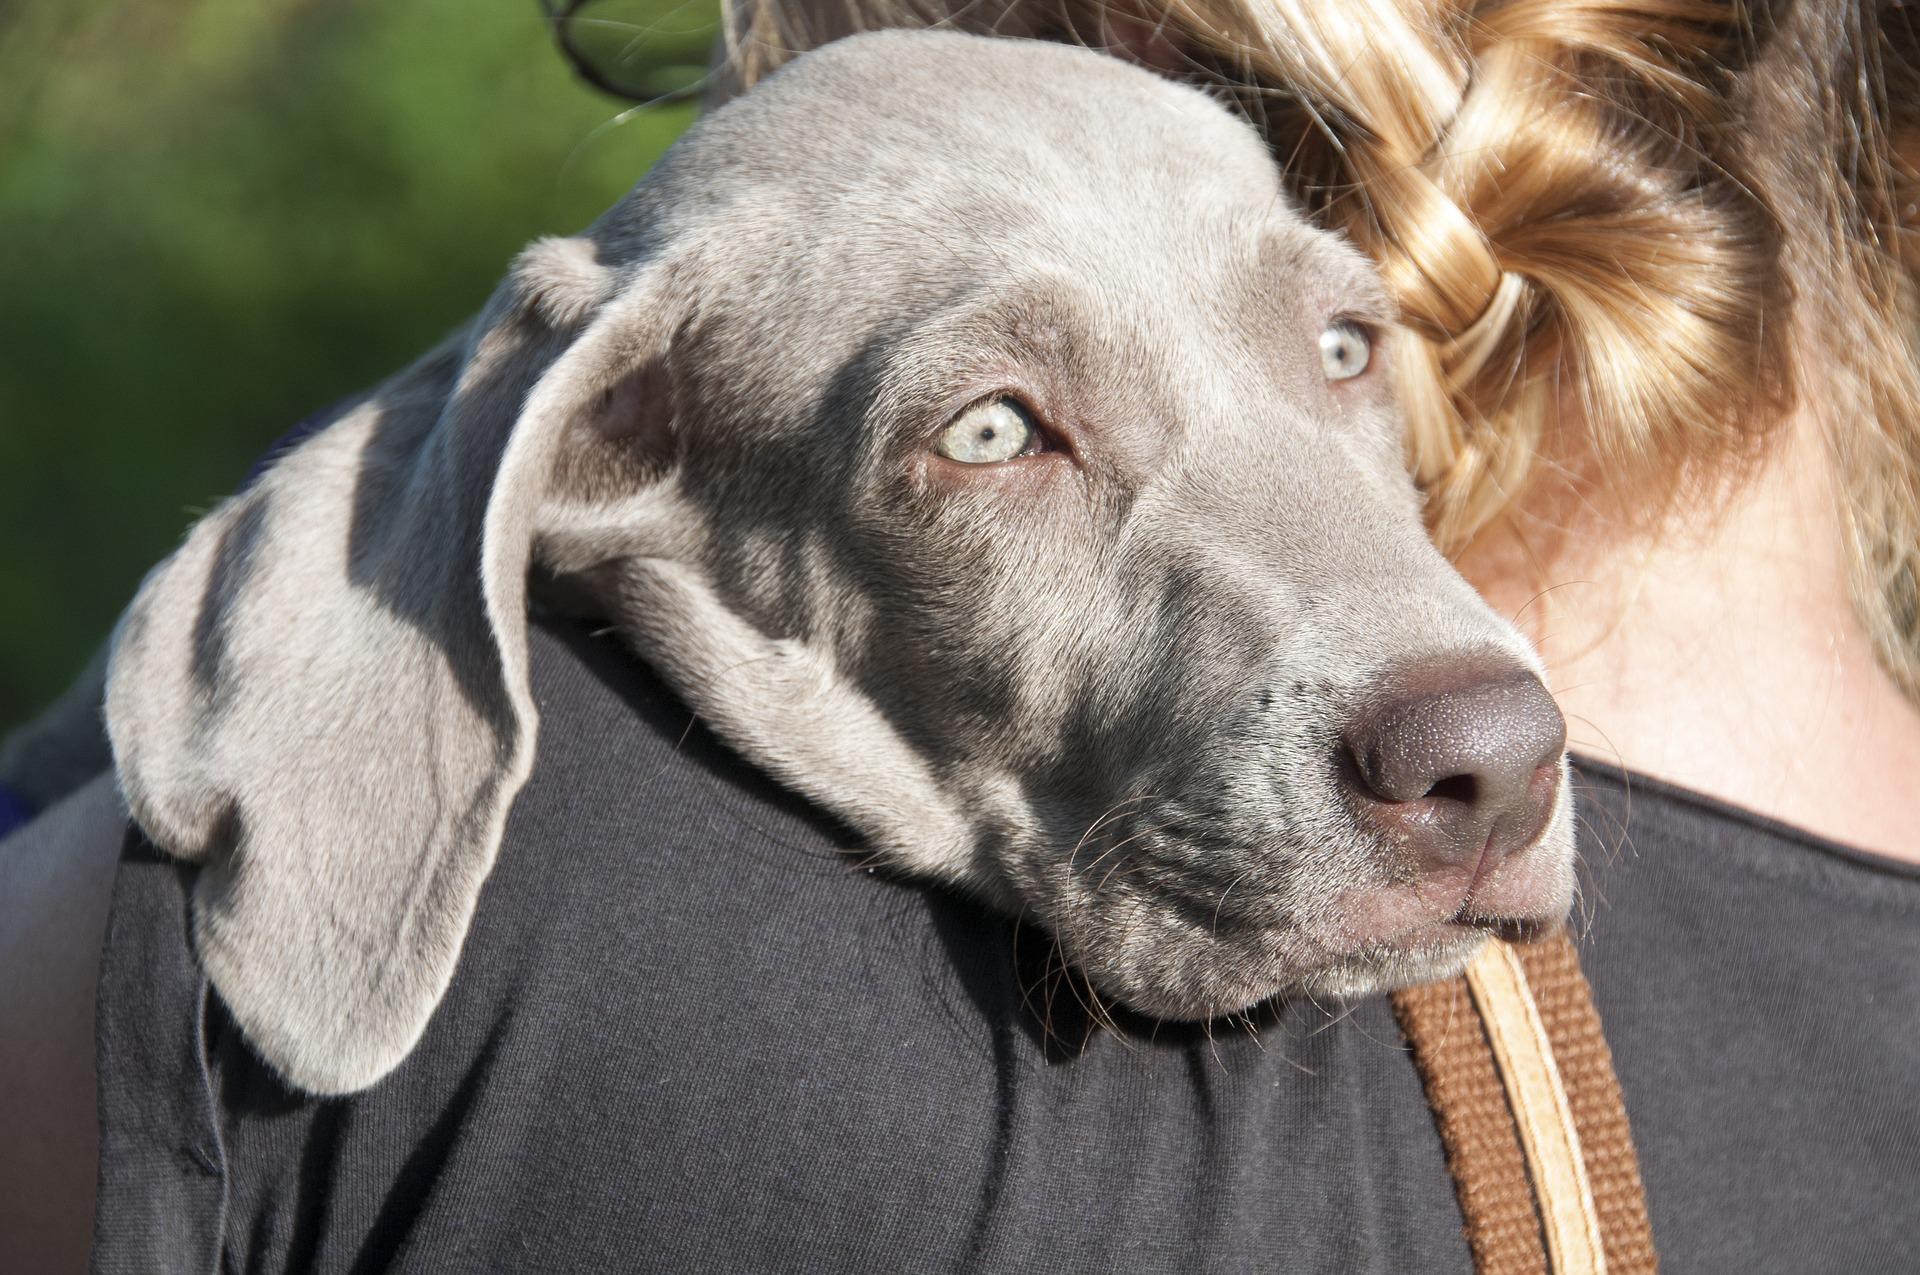 Comment caresser un chien ? Conseil